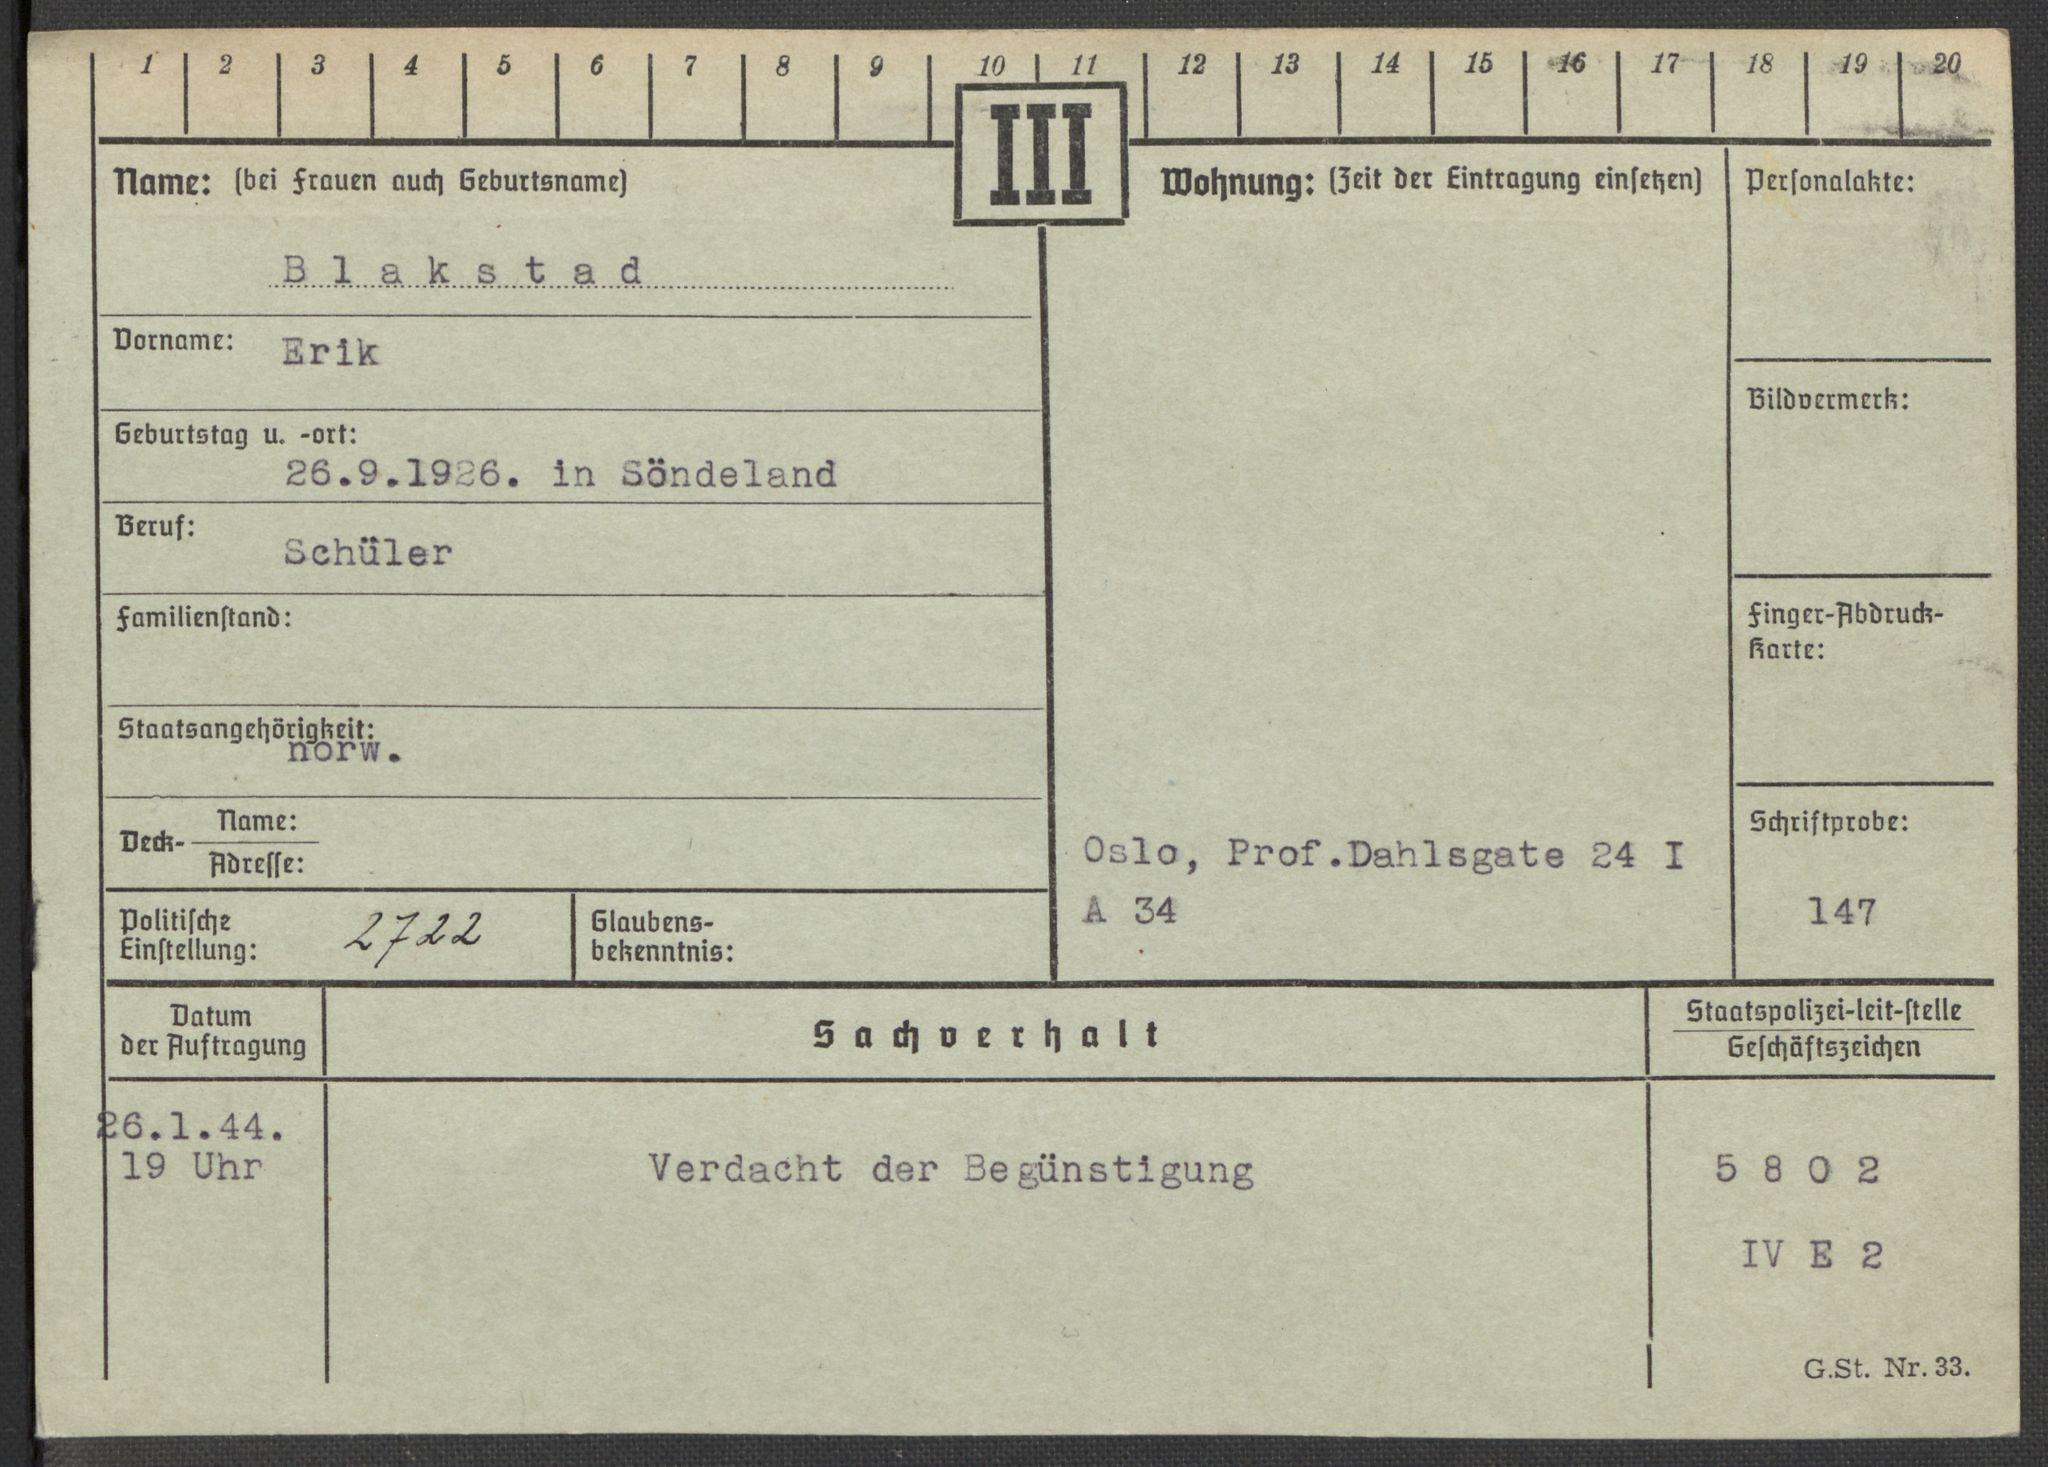 RA, Befehlshaber der Sicherheitspolizei und des SD, E/Ea/Eaa/L0002: Register over norske fanger i Møllergata 19: Bj-Eng, 1940-1945, s. 2